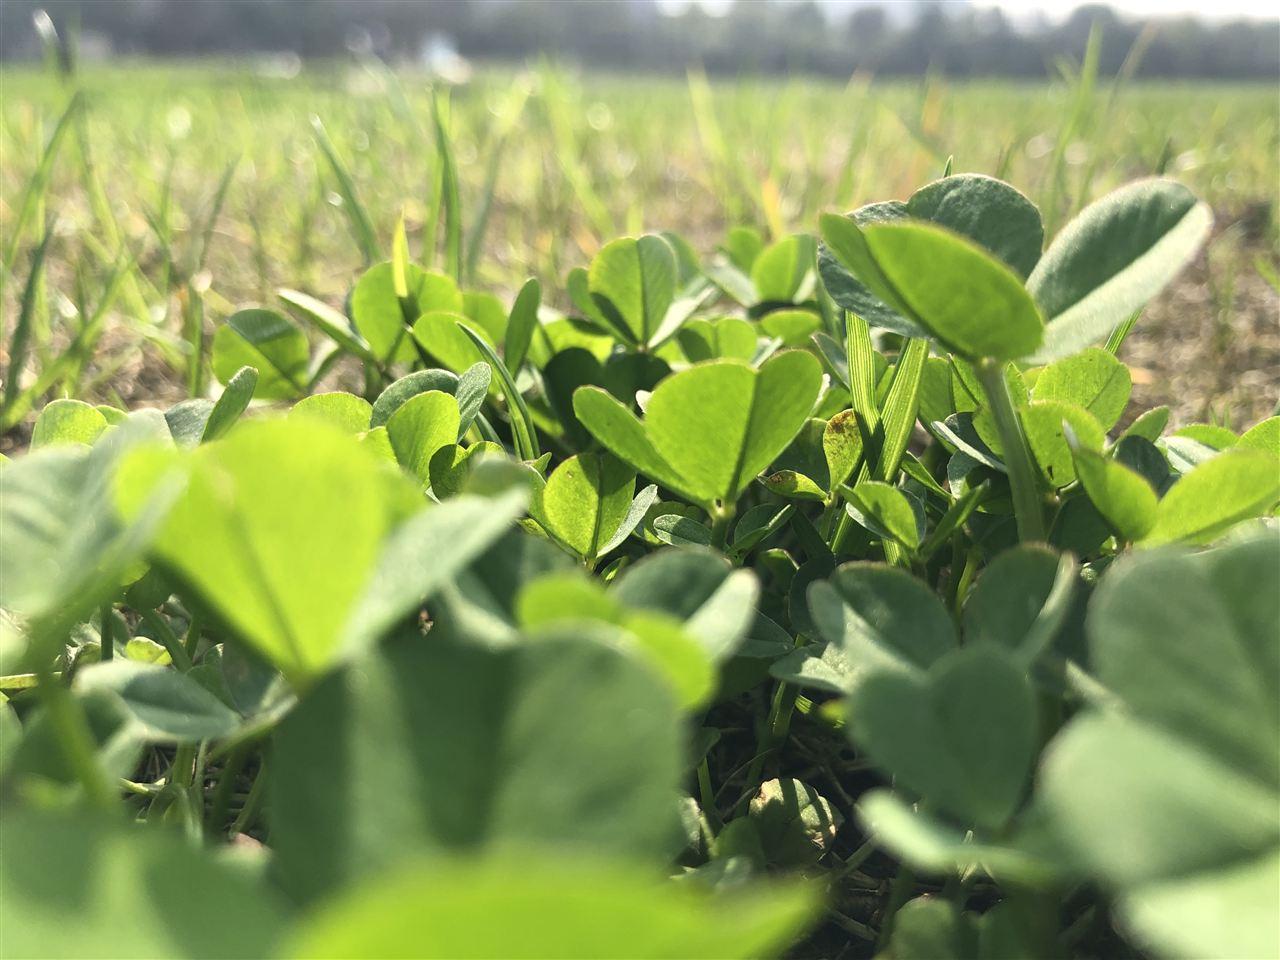 春茶开采期已至 检测仪器助力提升茶叶品质